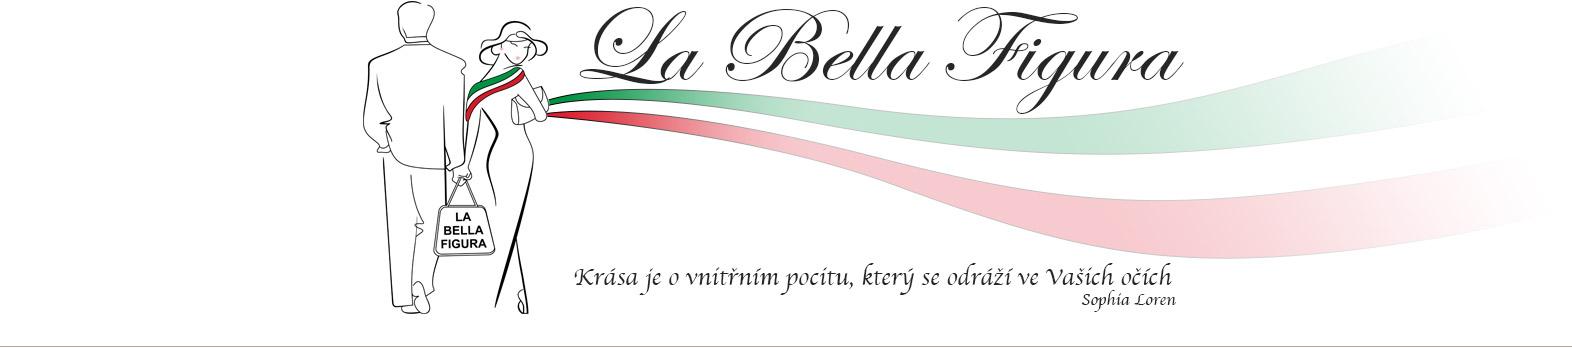 Blog La Bella Figura – Vítáme všechny!  :-)